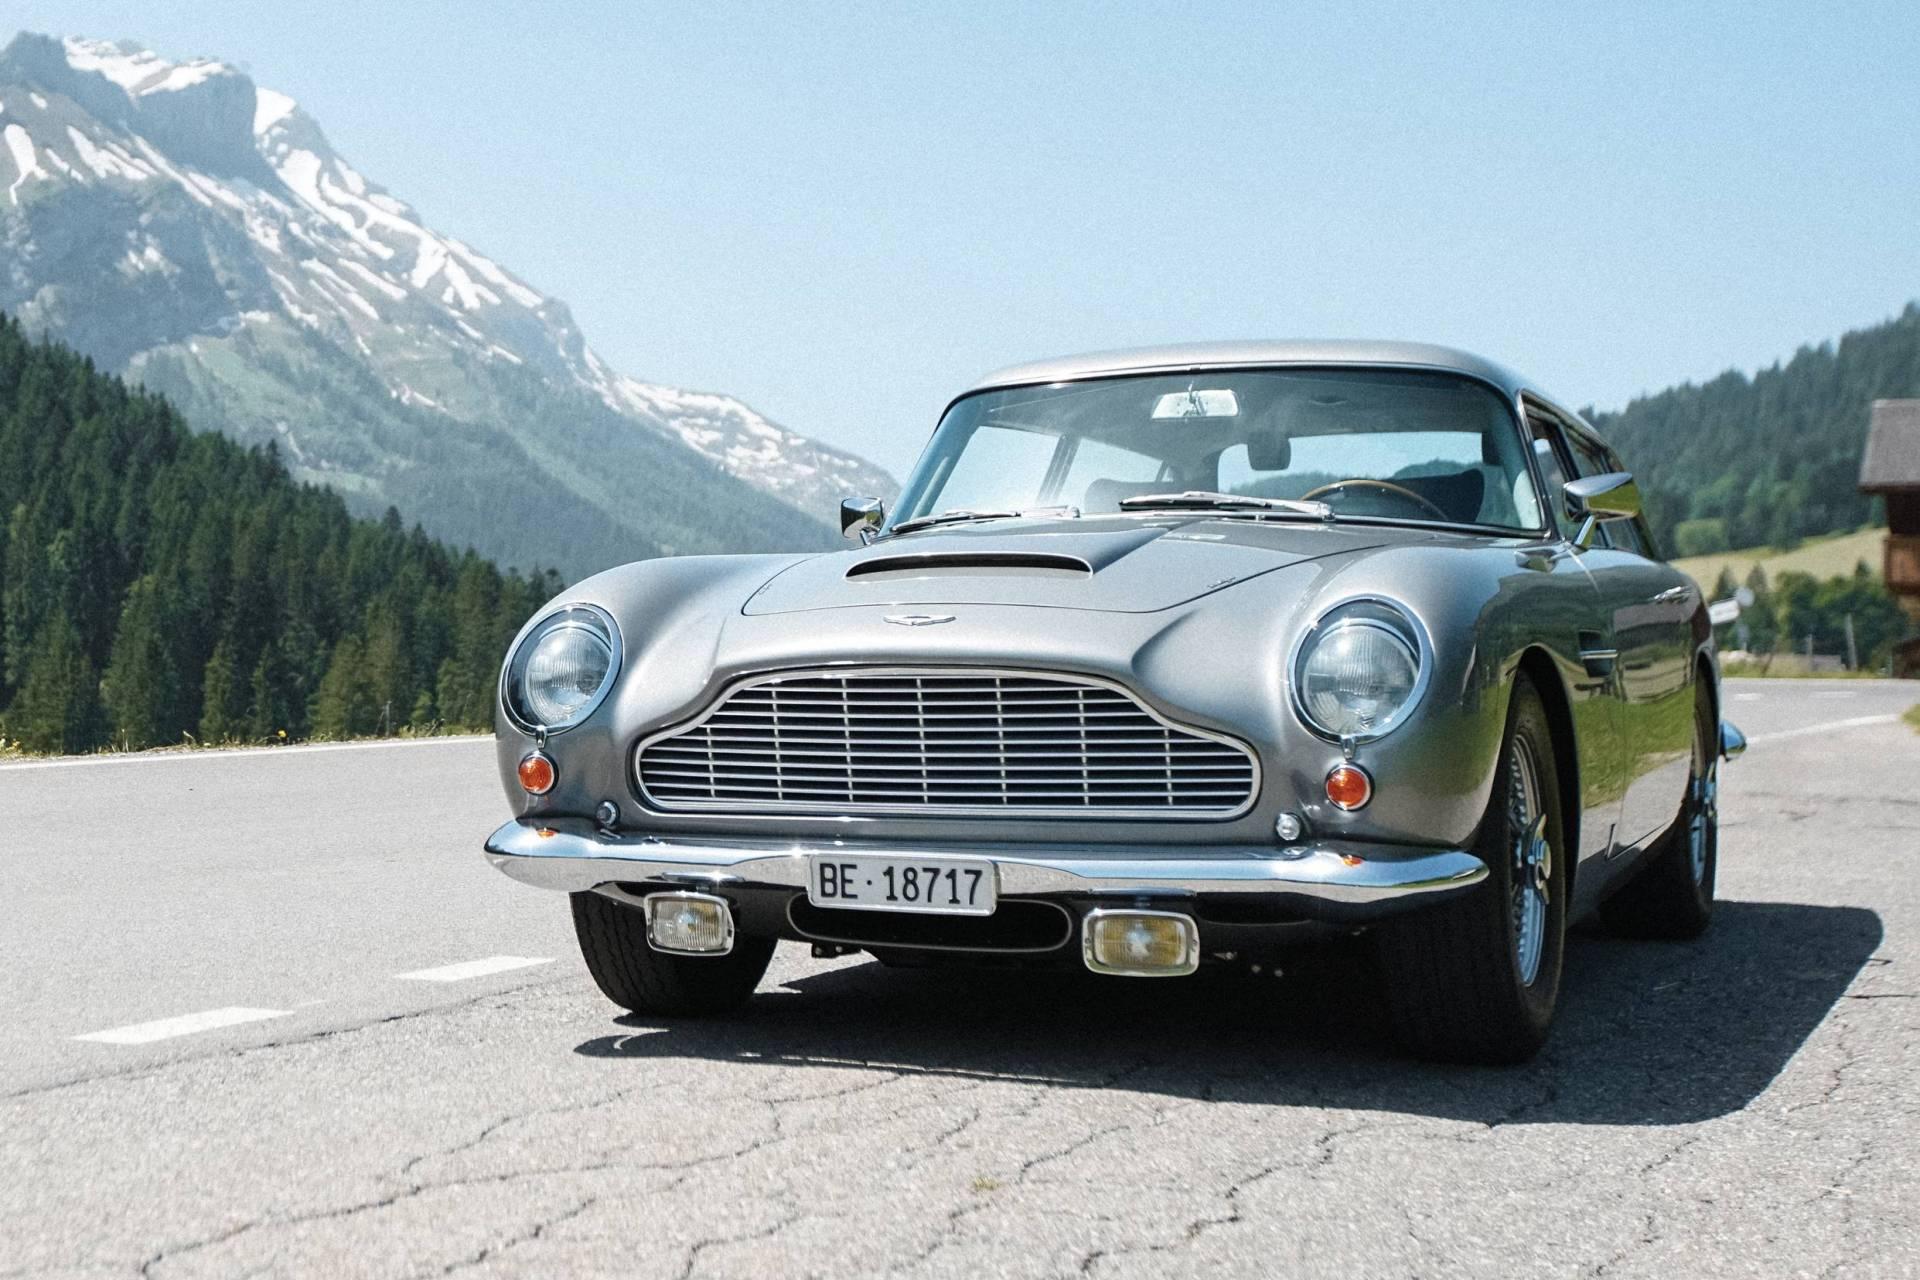 Невзирая на славу «автомобиля Джеймса Бонда» и завидную для своей эпохи моторную мощь, Aston Martin DB5 никогда не был слишком популярен среди простых автовладельцев. Причина? Отсутствие нормального багажника.